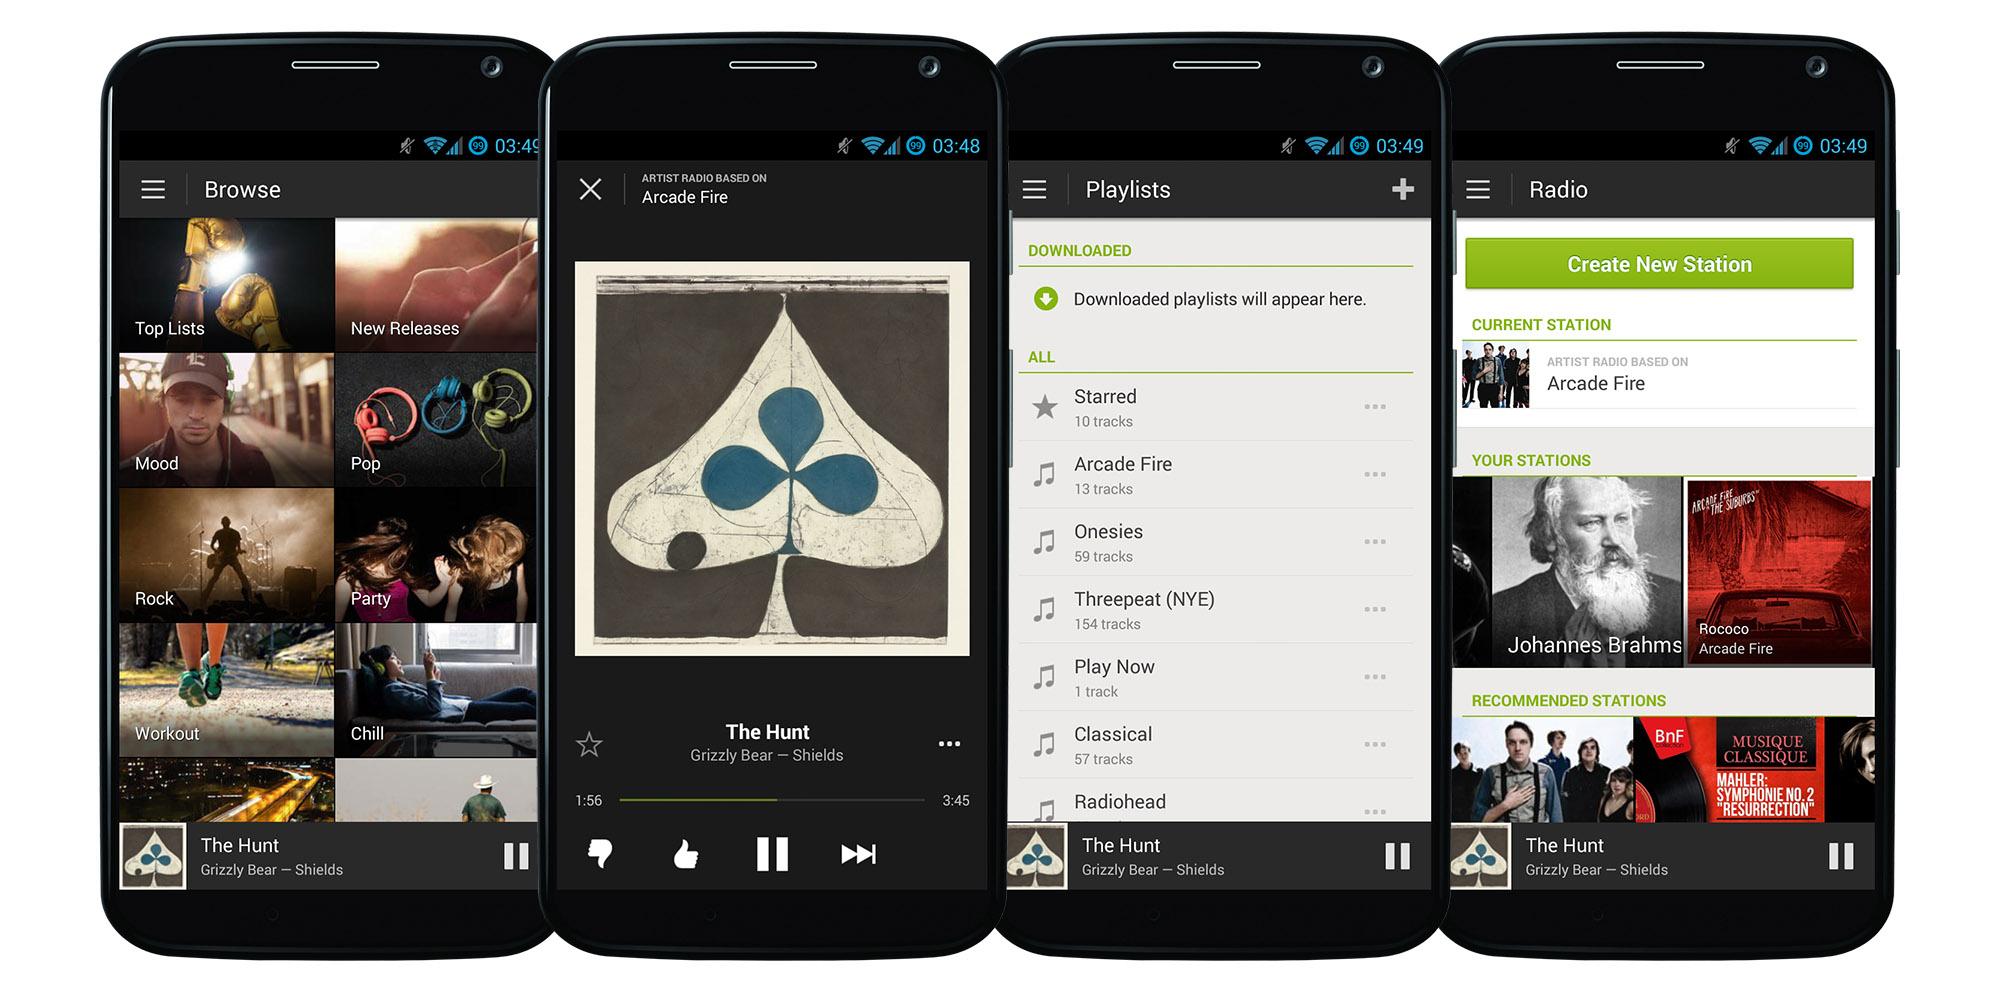 Music streaming apps for the car: Pandora v Spotify v Rdio v